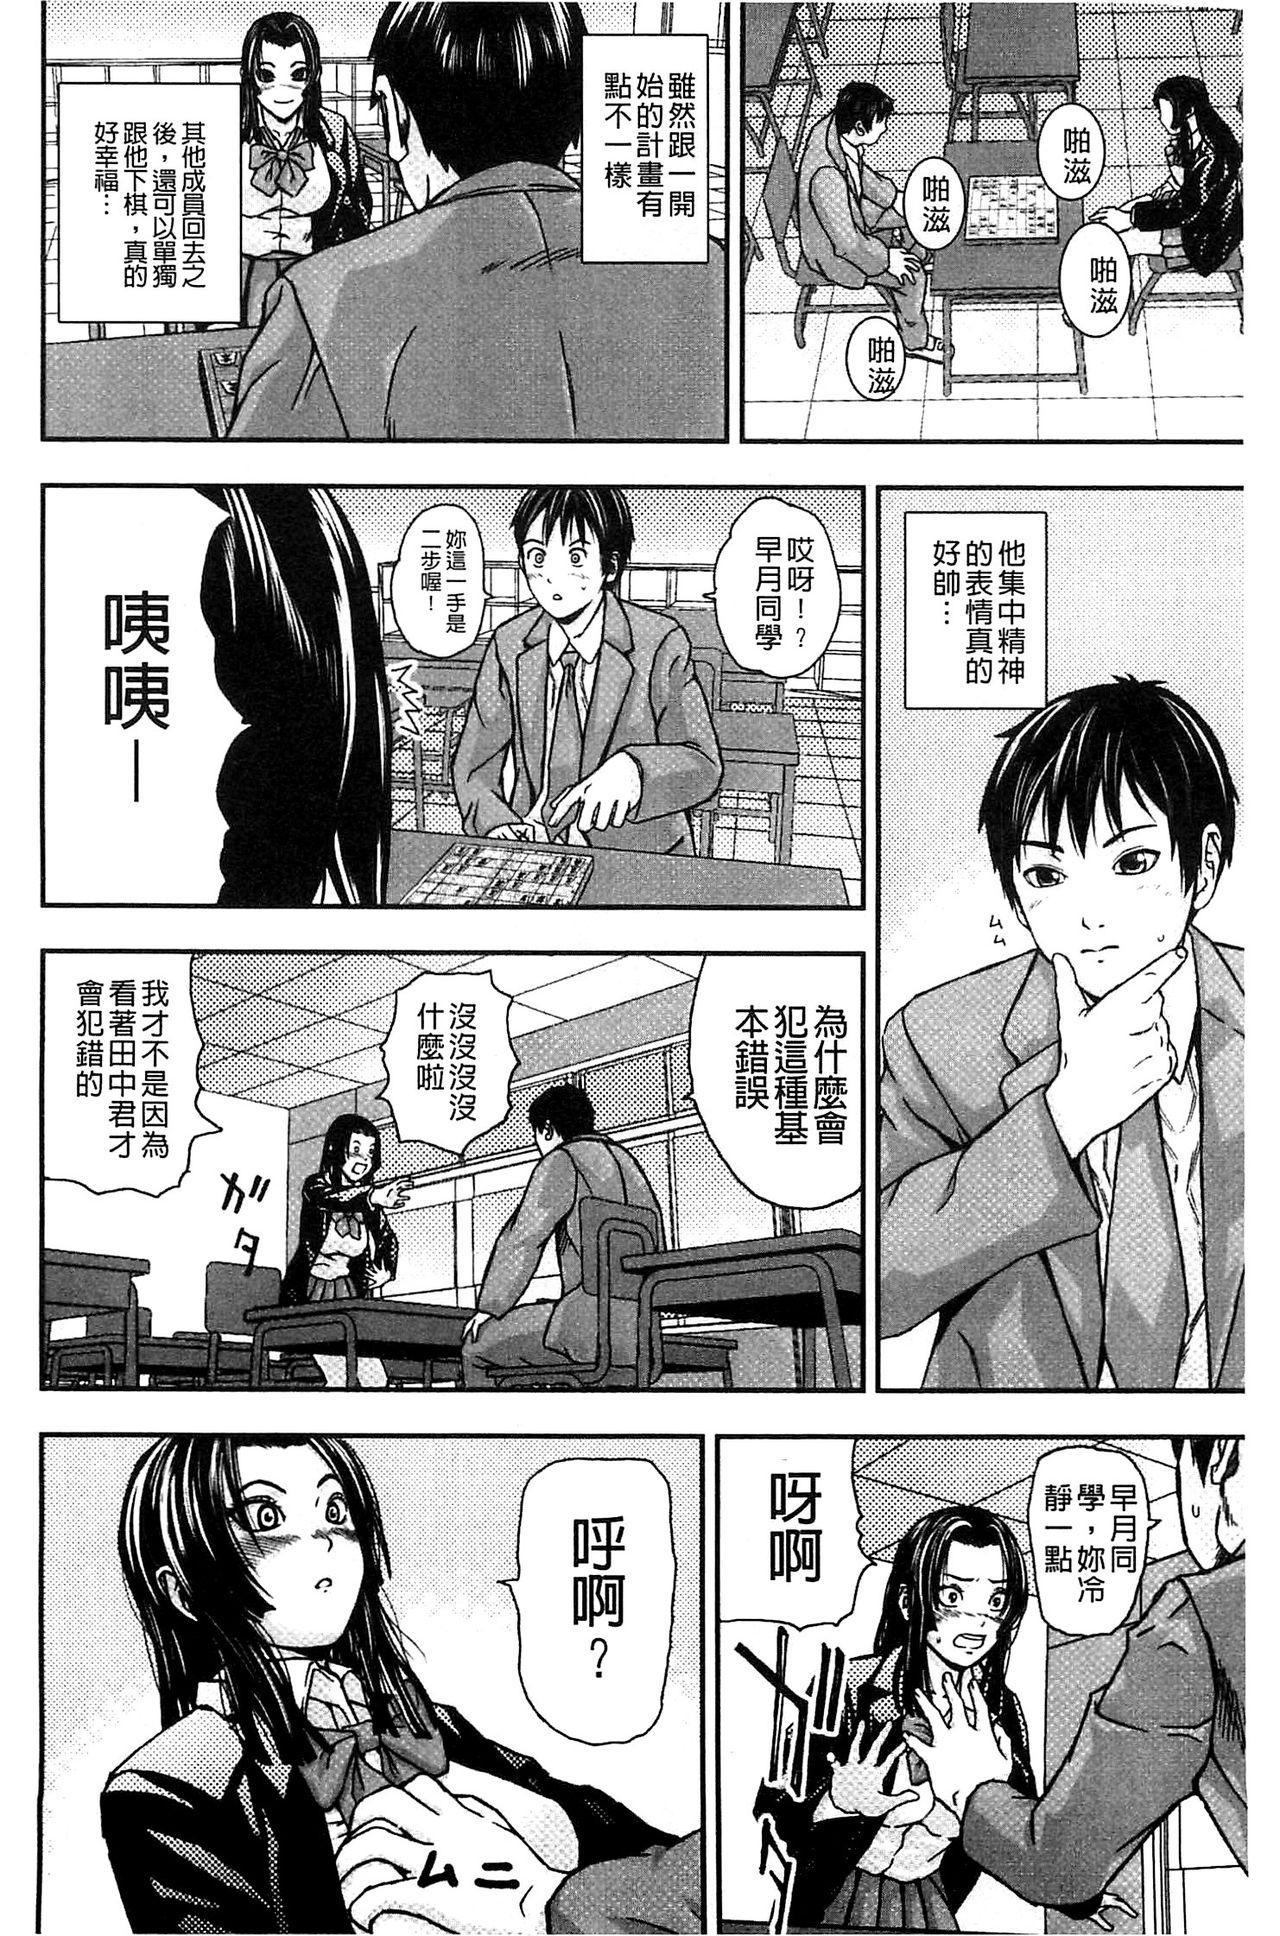 Koijirushi Love Milk | 戀印愛慾鮮乳 23